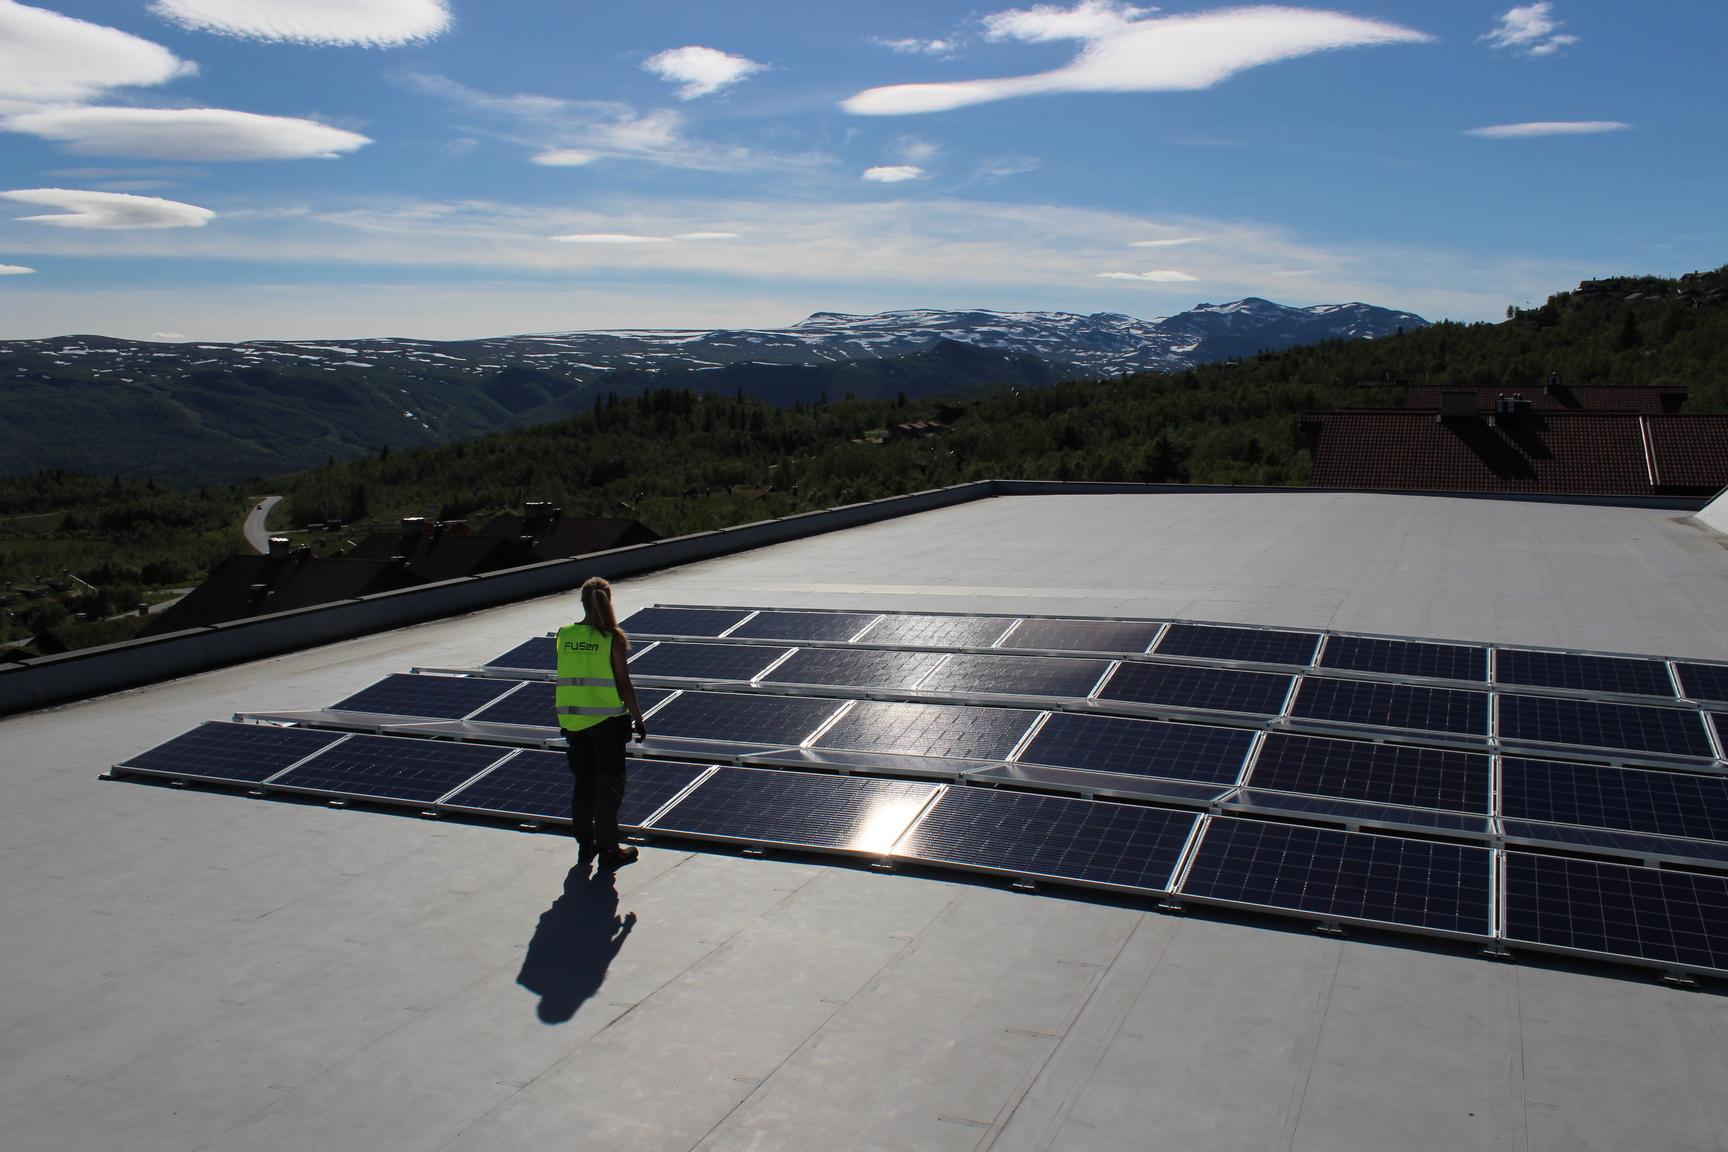 Hvor mye solenergi kan jeg få fra taket?